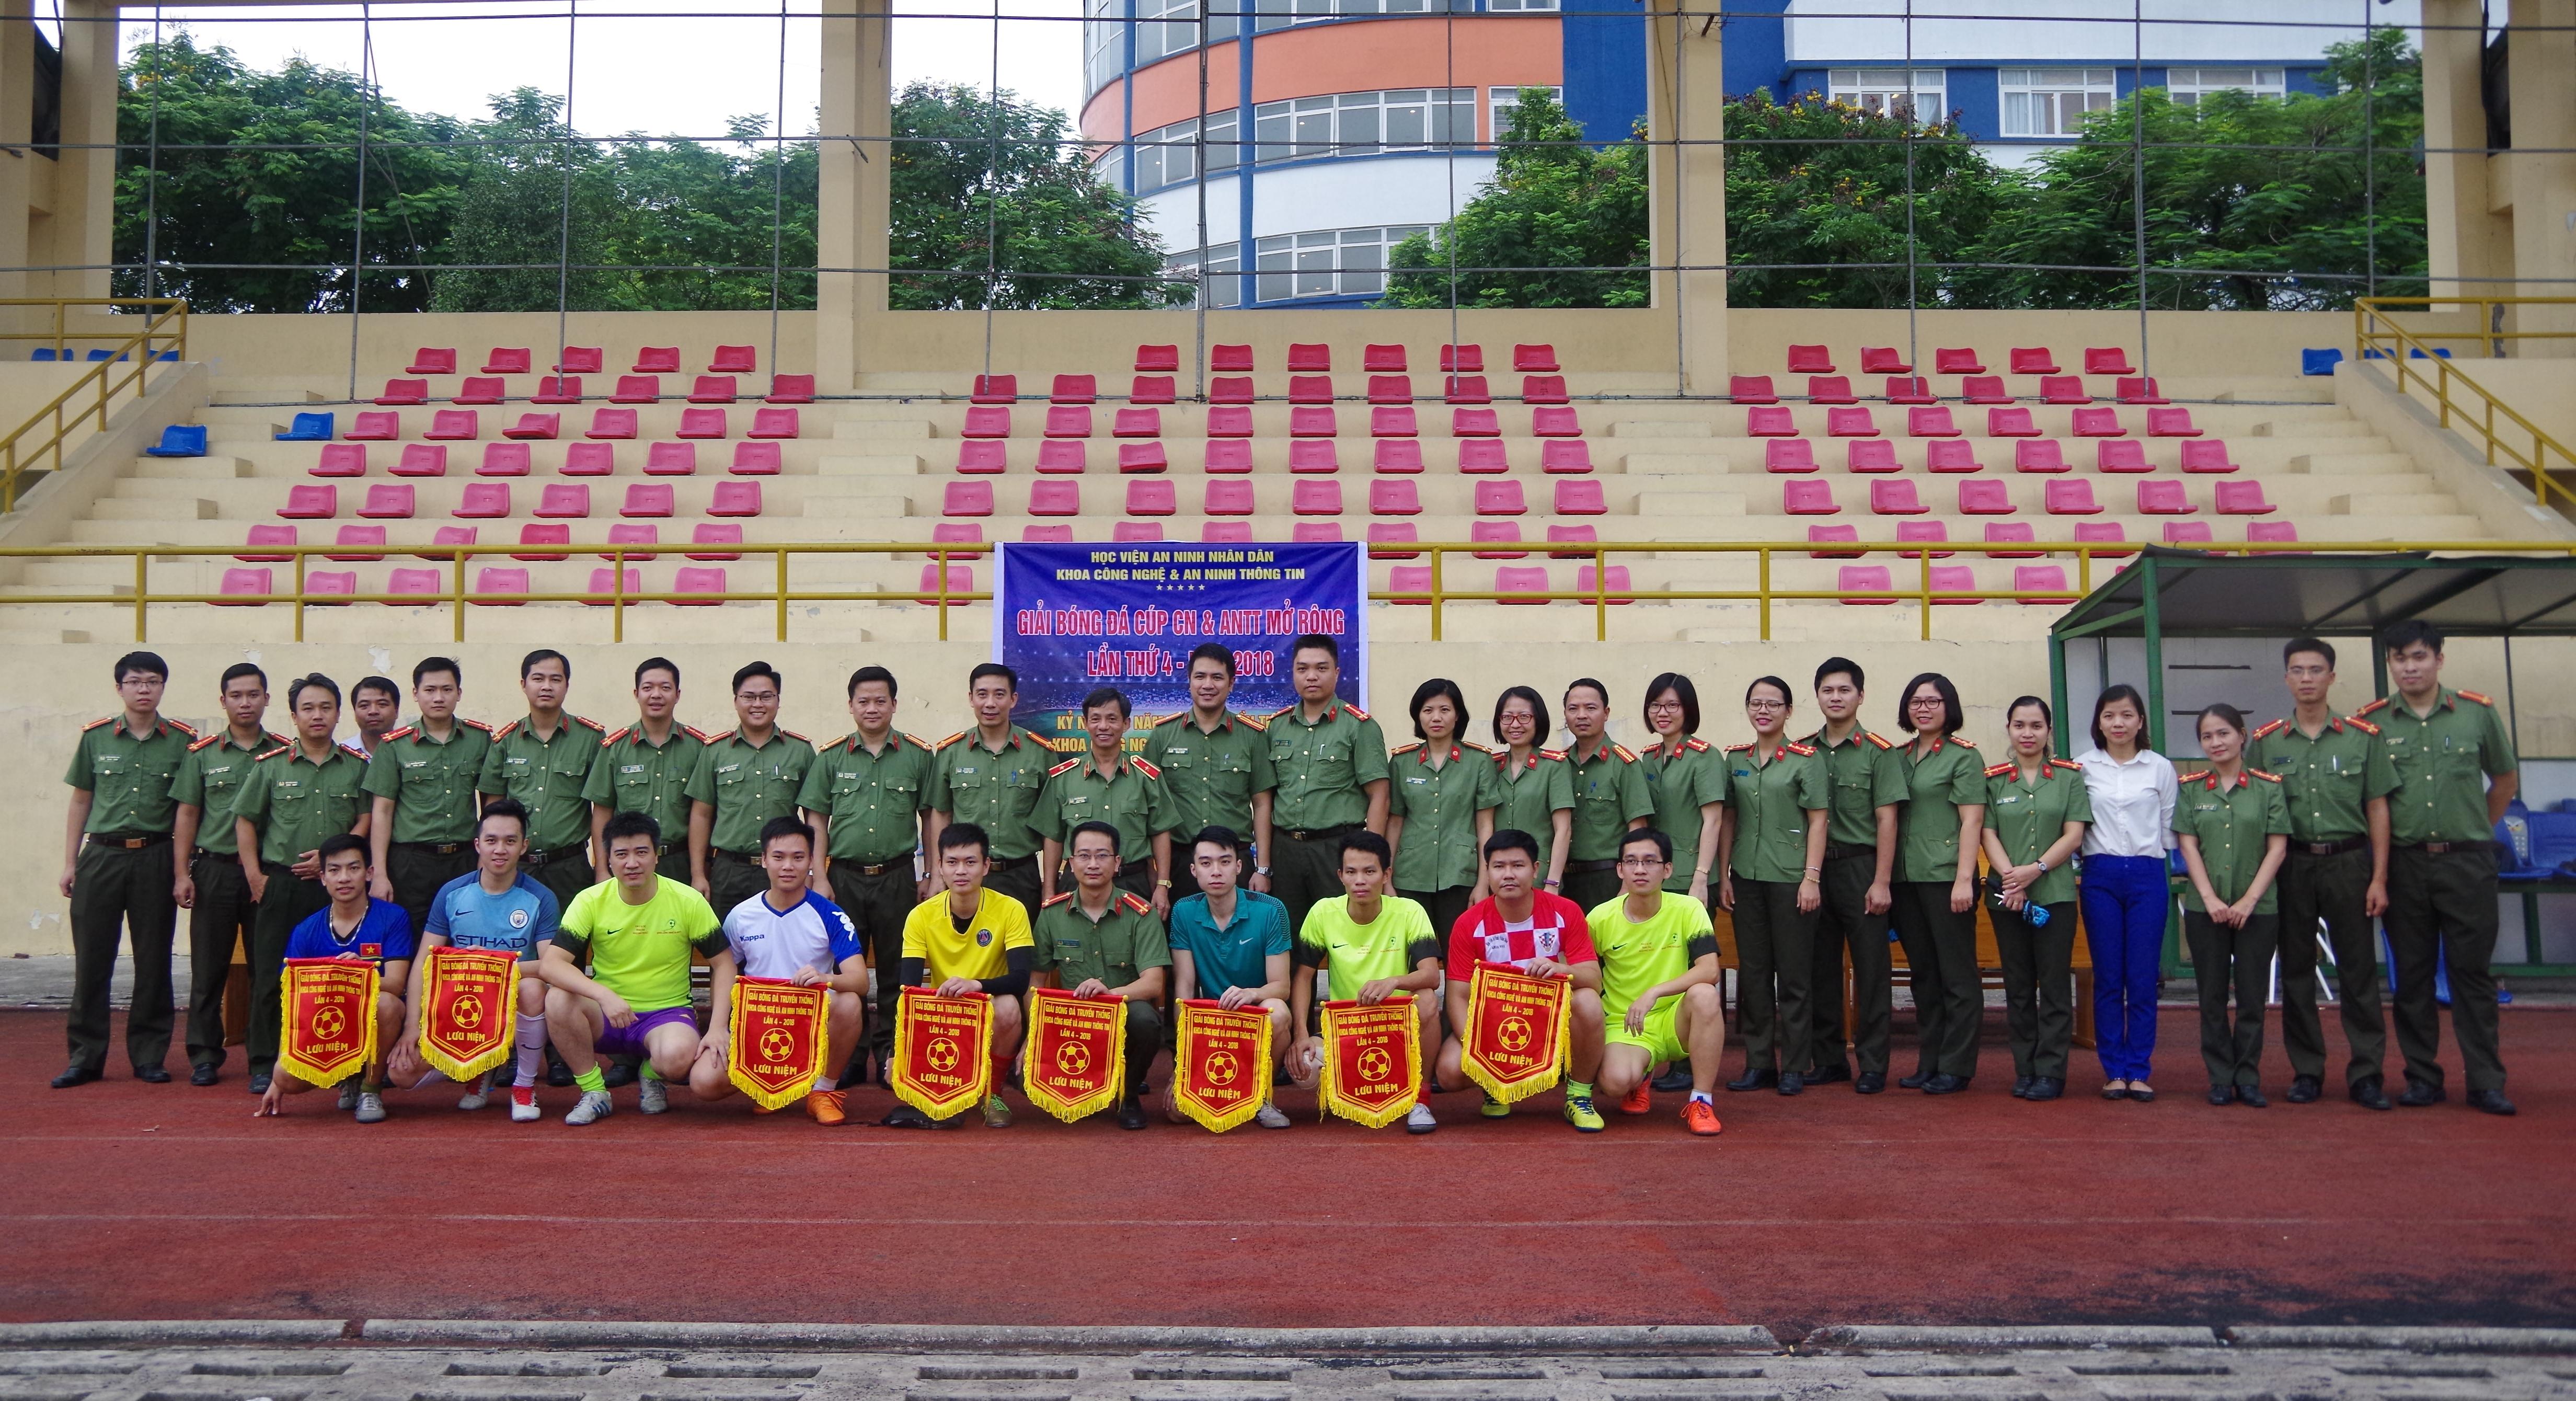 10 đội bóng tham dự Giải bóng đá Học viện An ninh Nhân dân mở rộng lần thứ 4